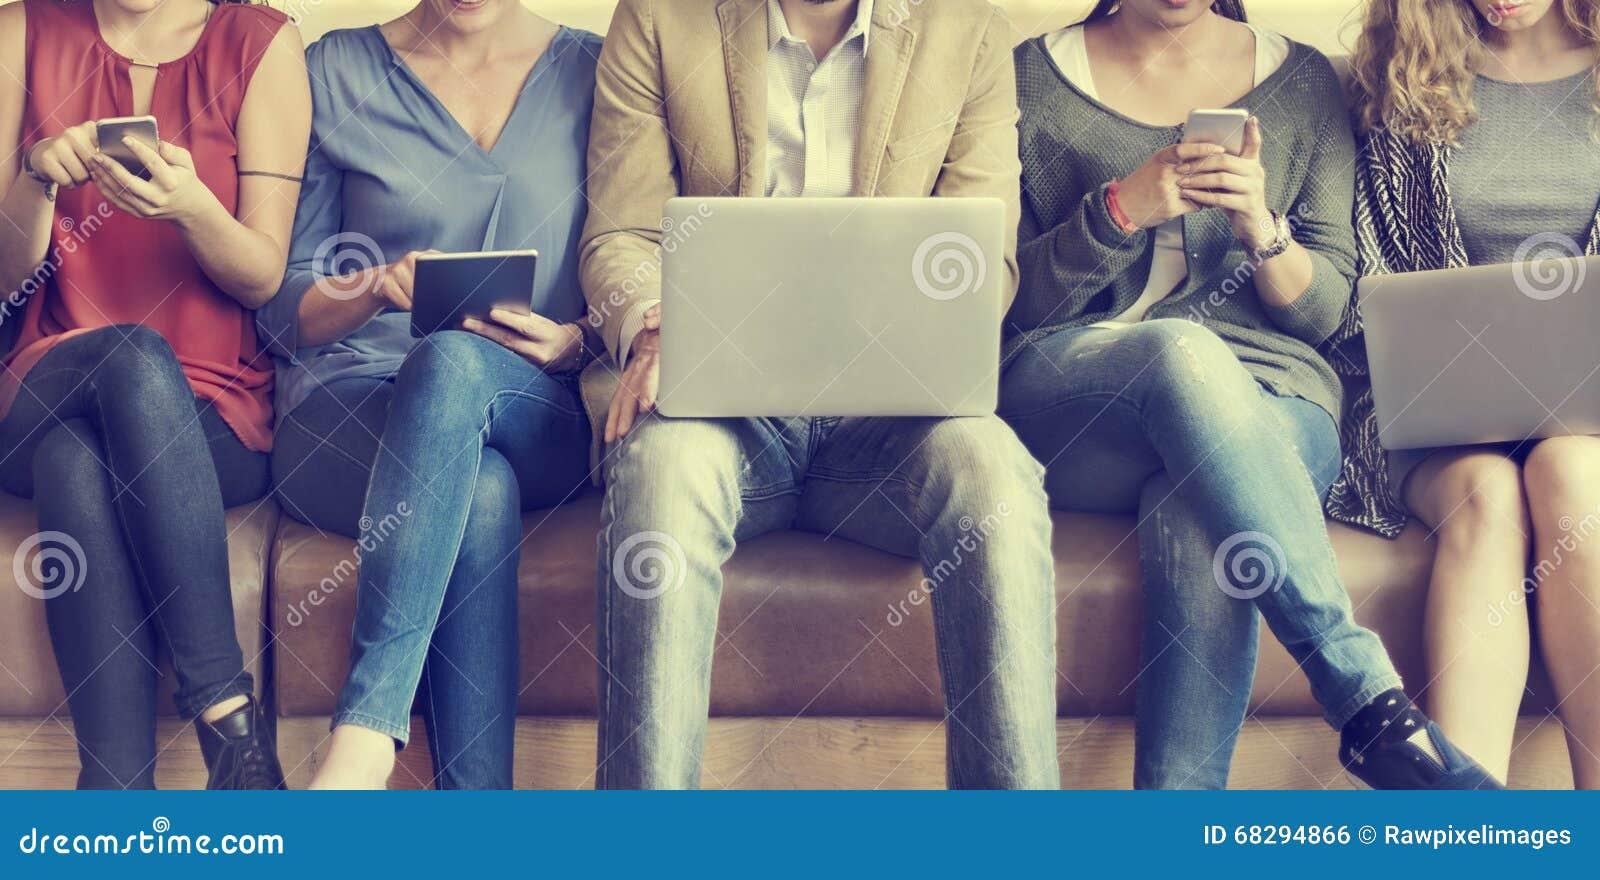 Приборы цифров соединения людей разнообразия просматривая концепцию